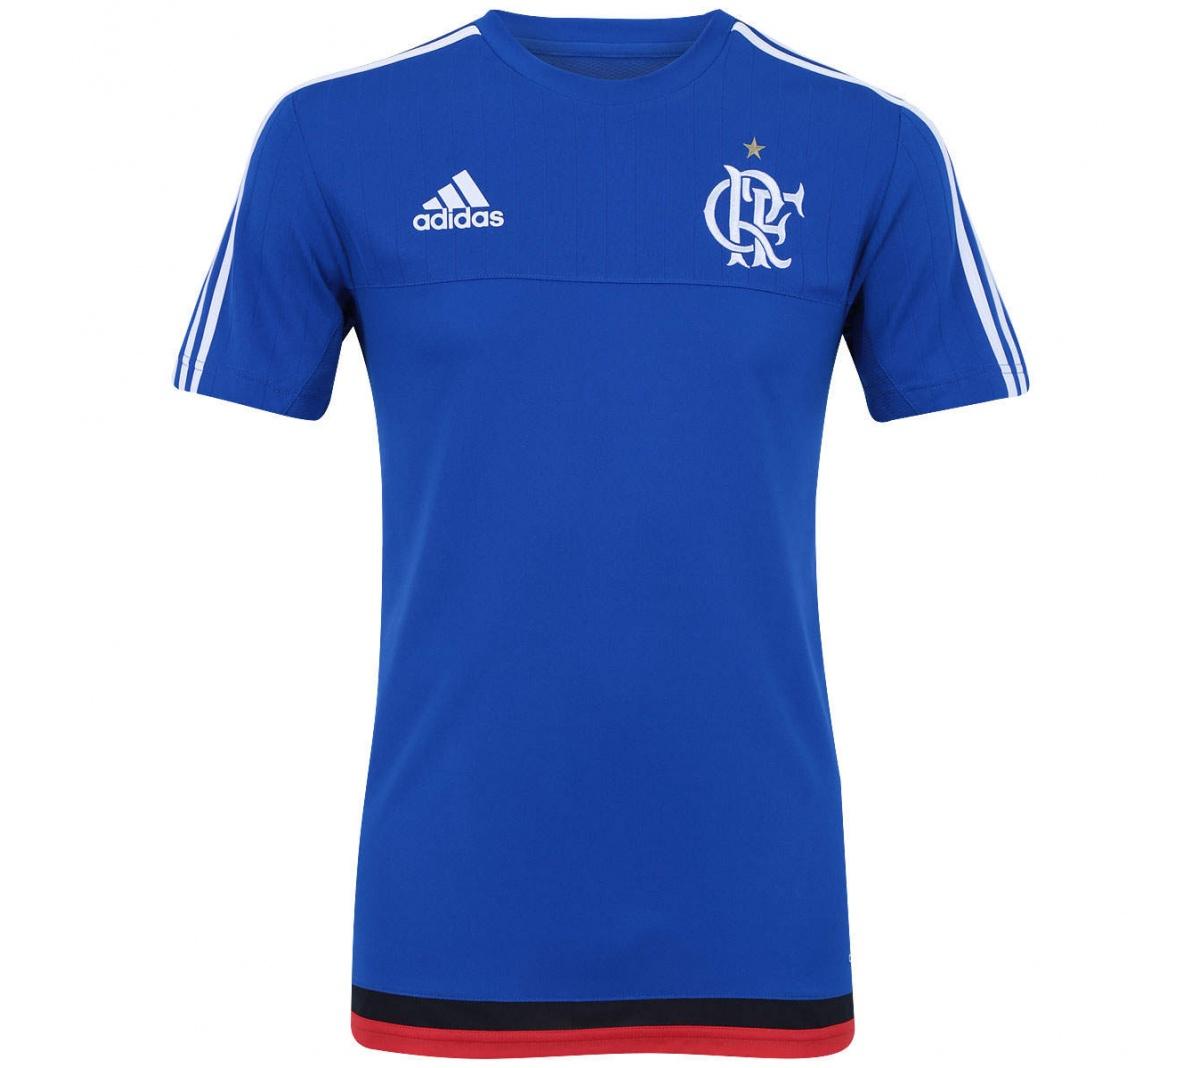 b46bcf169410e Camisa Flamengo Adidas Treino Oficial Camisa Flamengo Adidas Treino Oficial